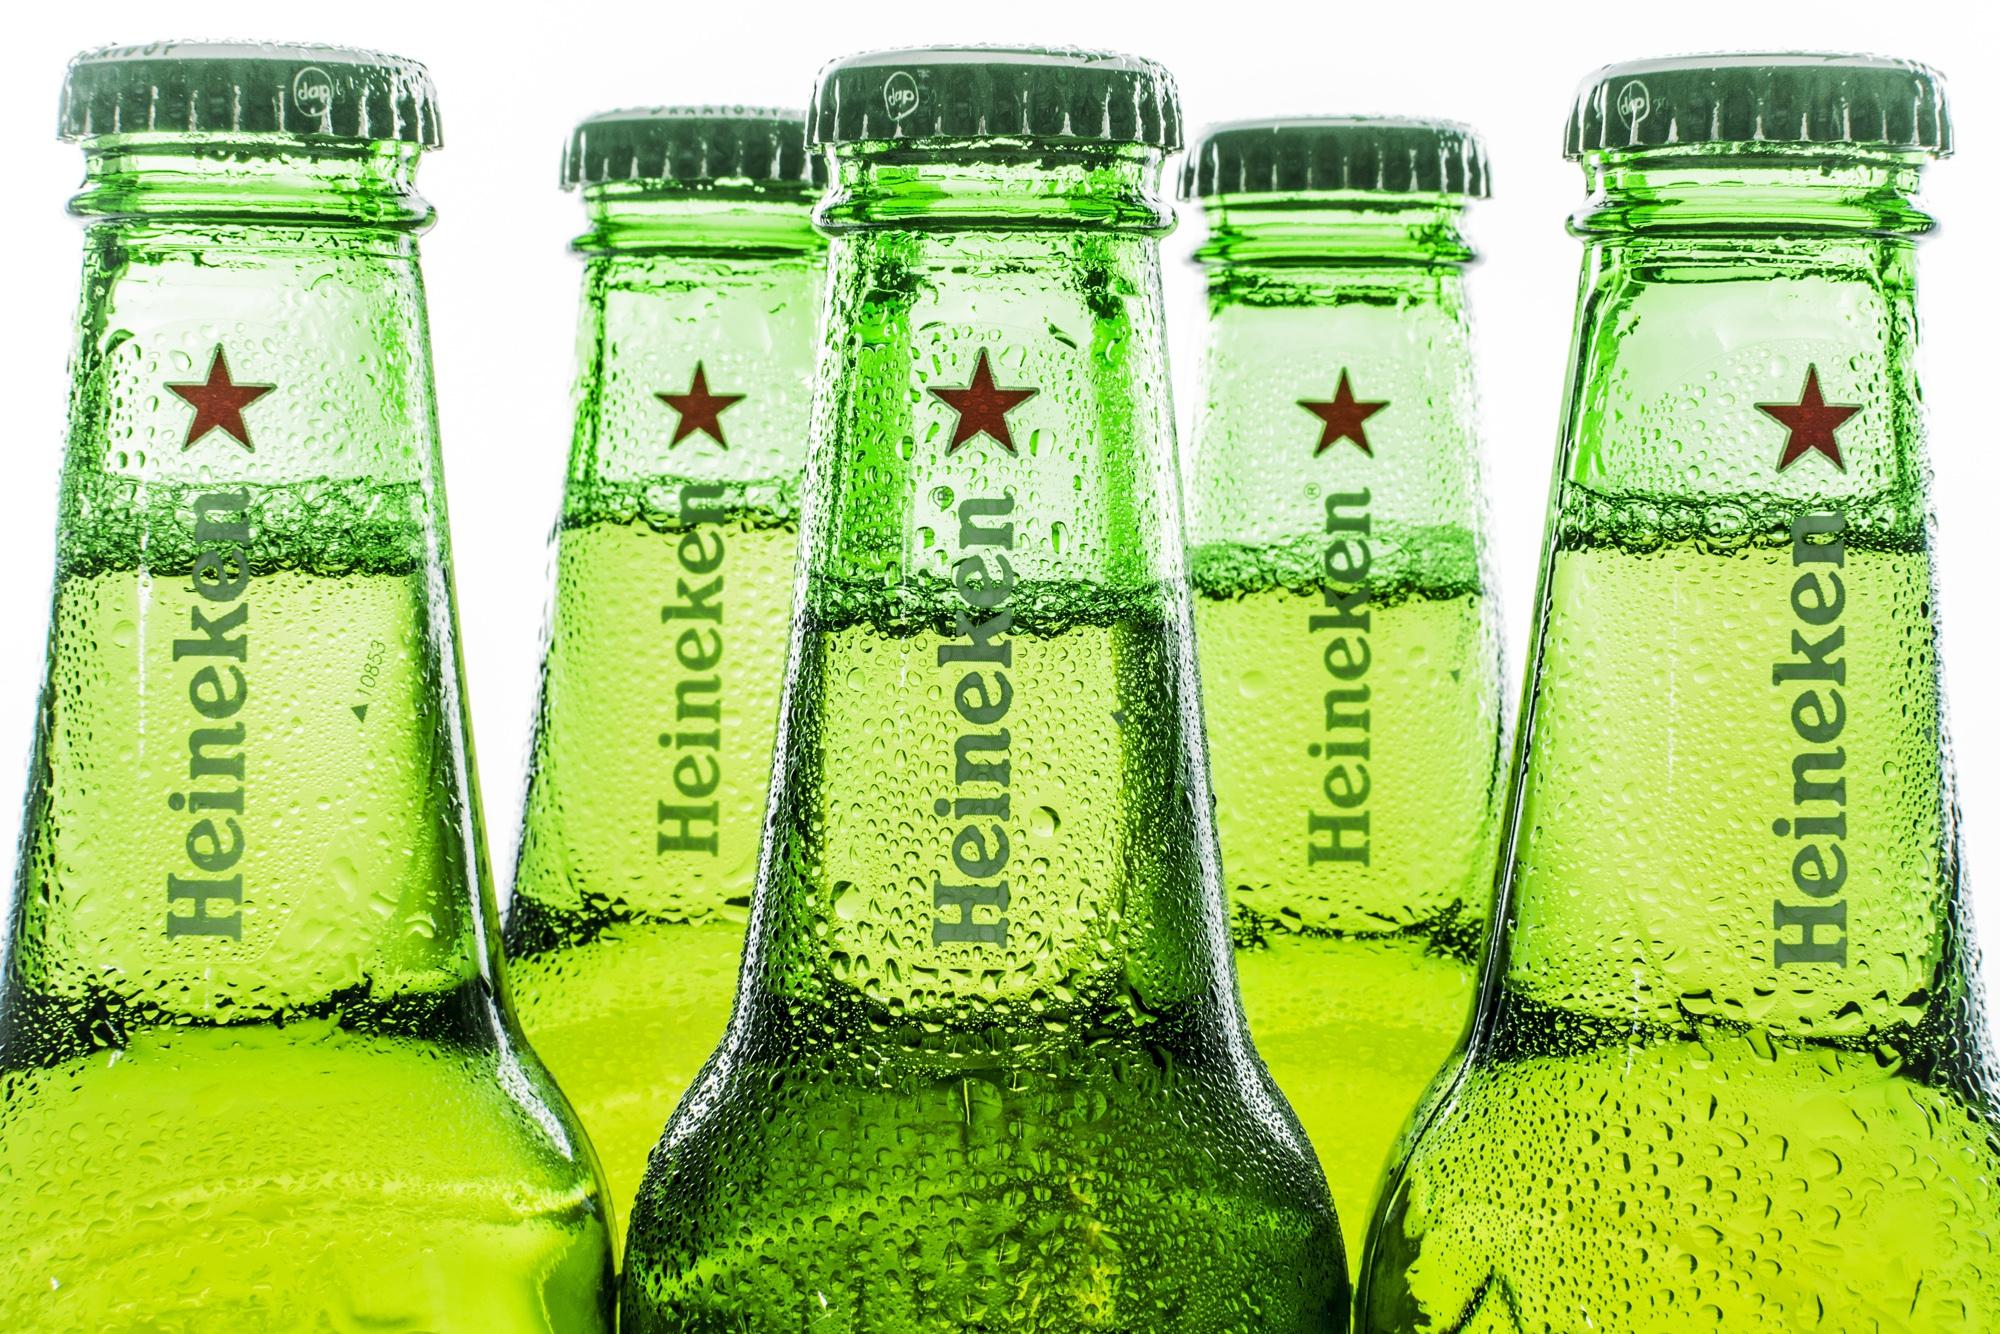 Heineken Pictures